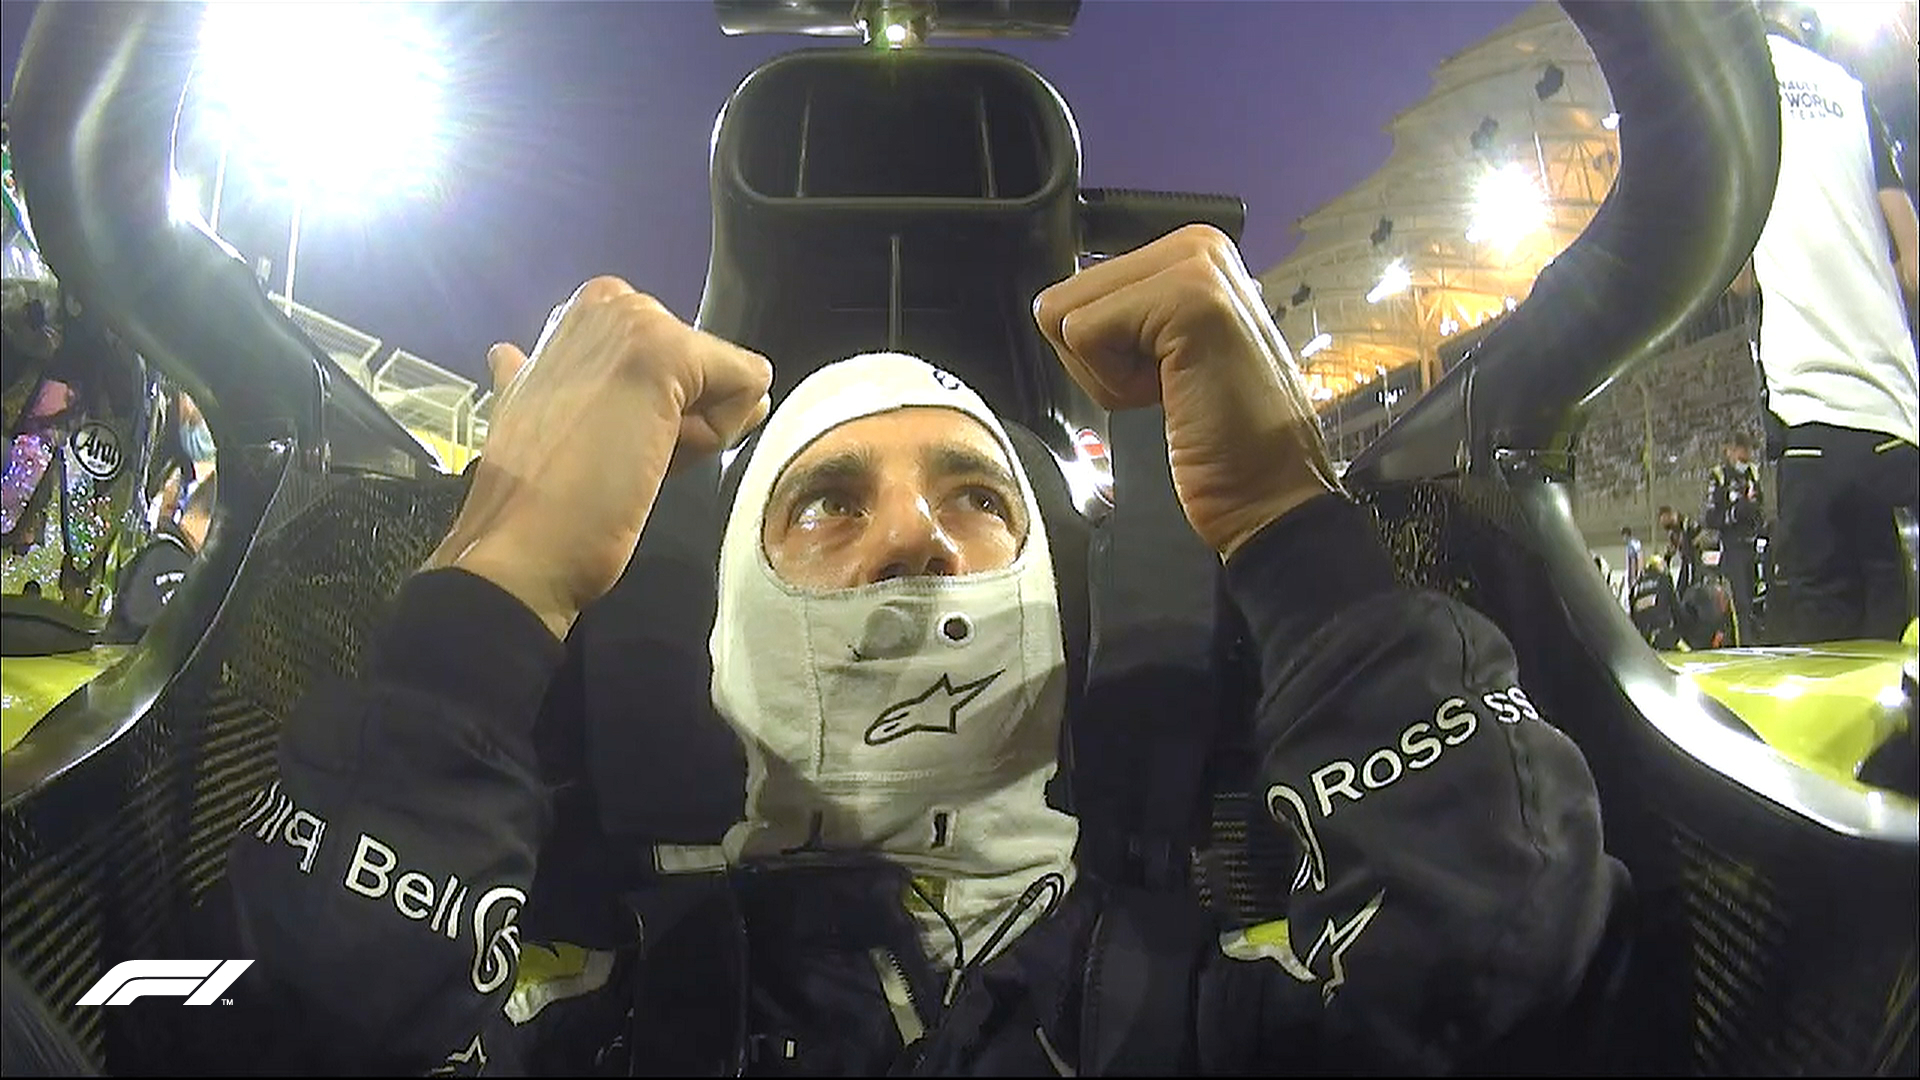 Квят – в тройке лучших пилотов Гран-при Бахрейна по данным телеметрии. Хэмилтона и Ферстаппена оценили как середняков